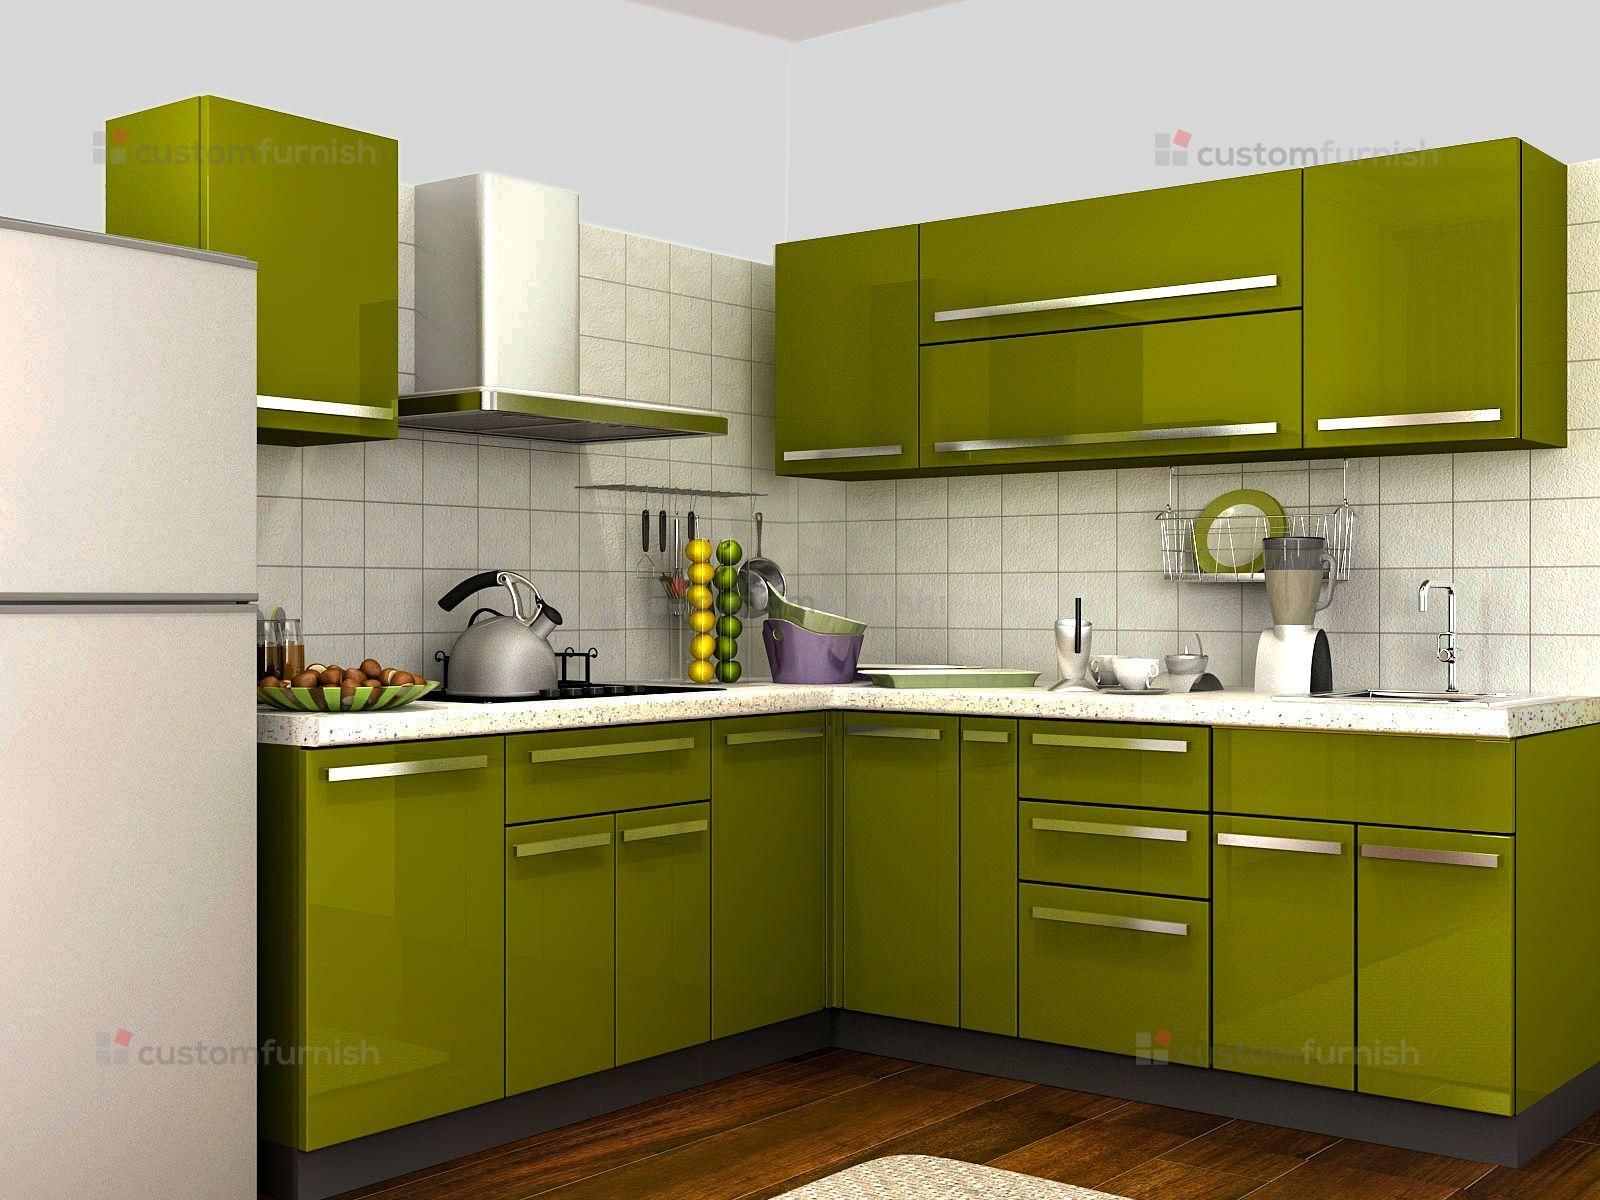 More Ideas Below Kitchenremodel Kitchenideas Indian Modular Kitchen Ideas Small Modula Kitchen Furniture Design L Shaped Modular Kitchen Kitchen Room Design